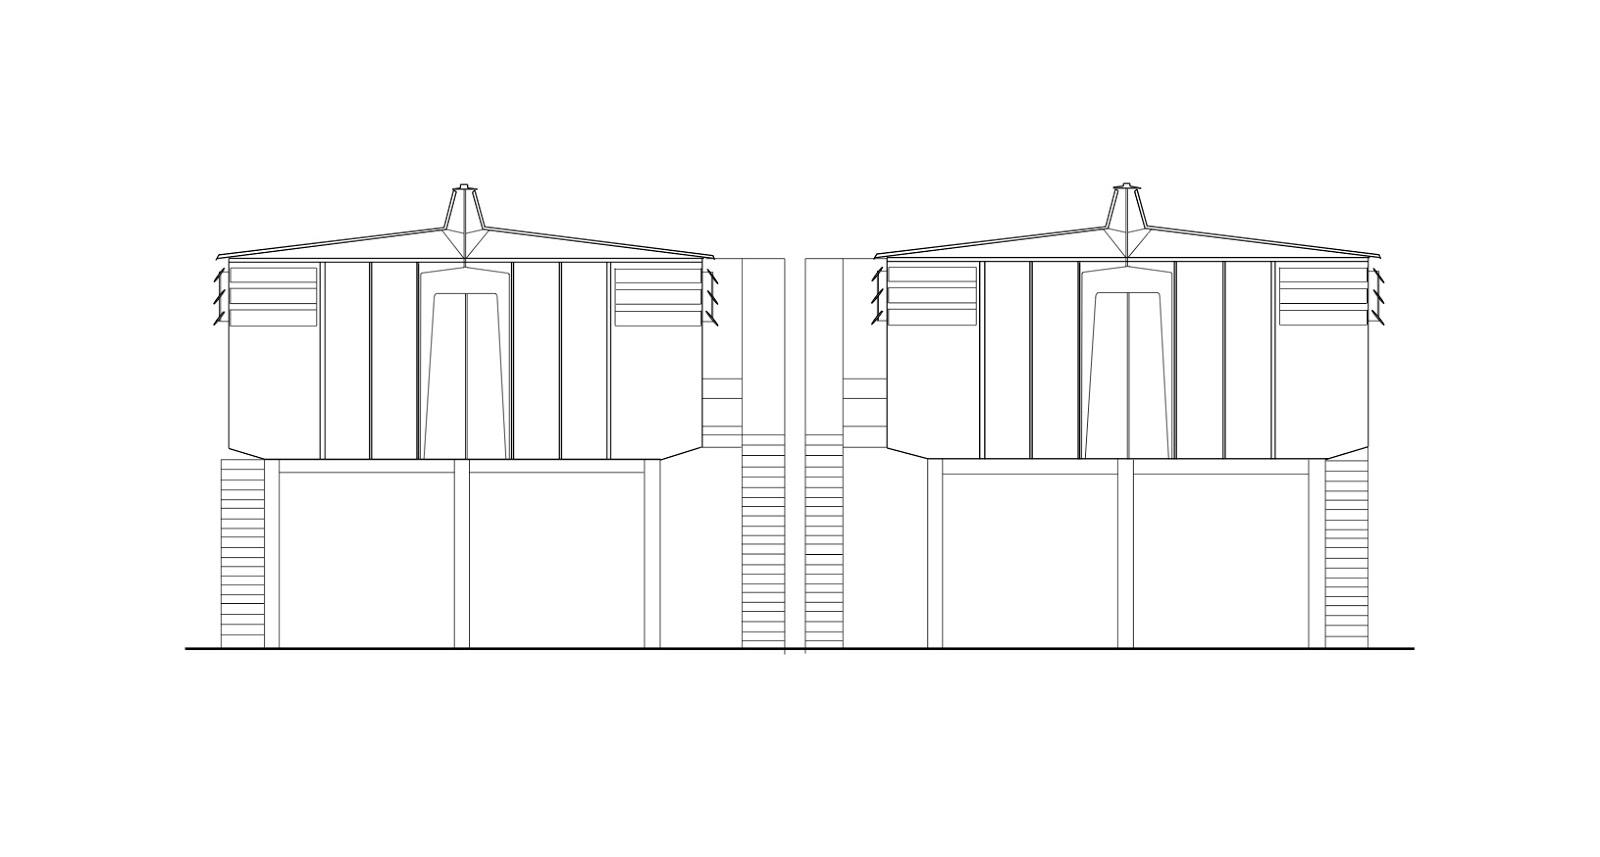 Maison tropicale drawings - Plan maison tropicale gratuit ...